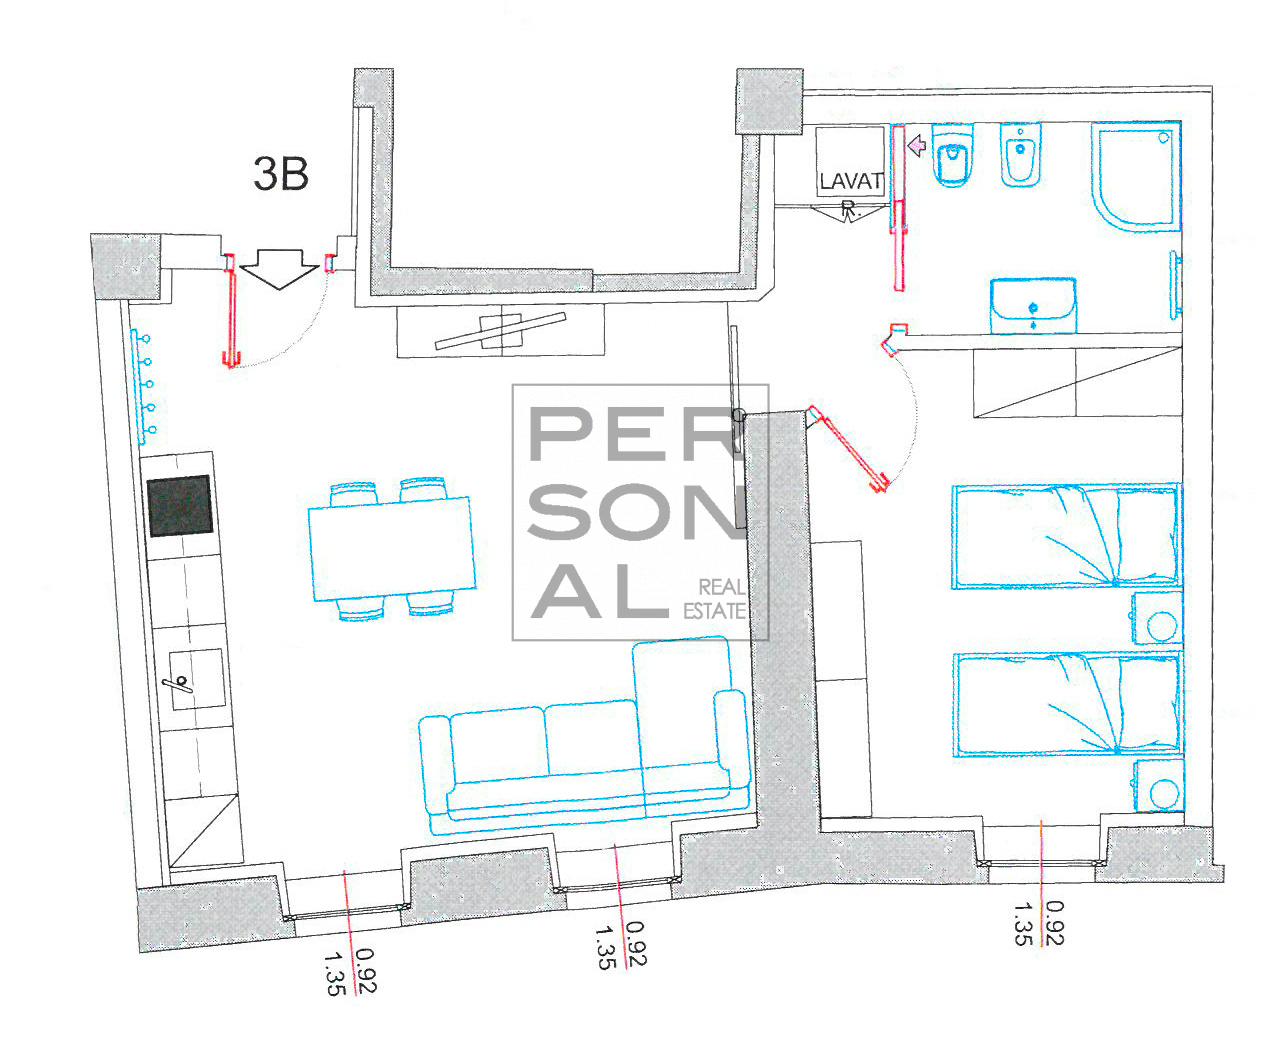 Appartamento in Affitto a Trento - Cod. XP-AFF-3B